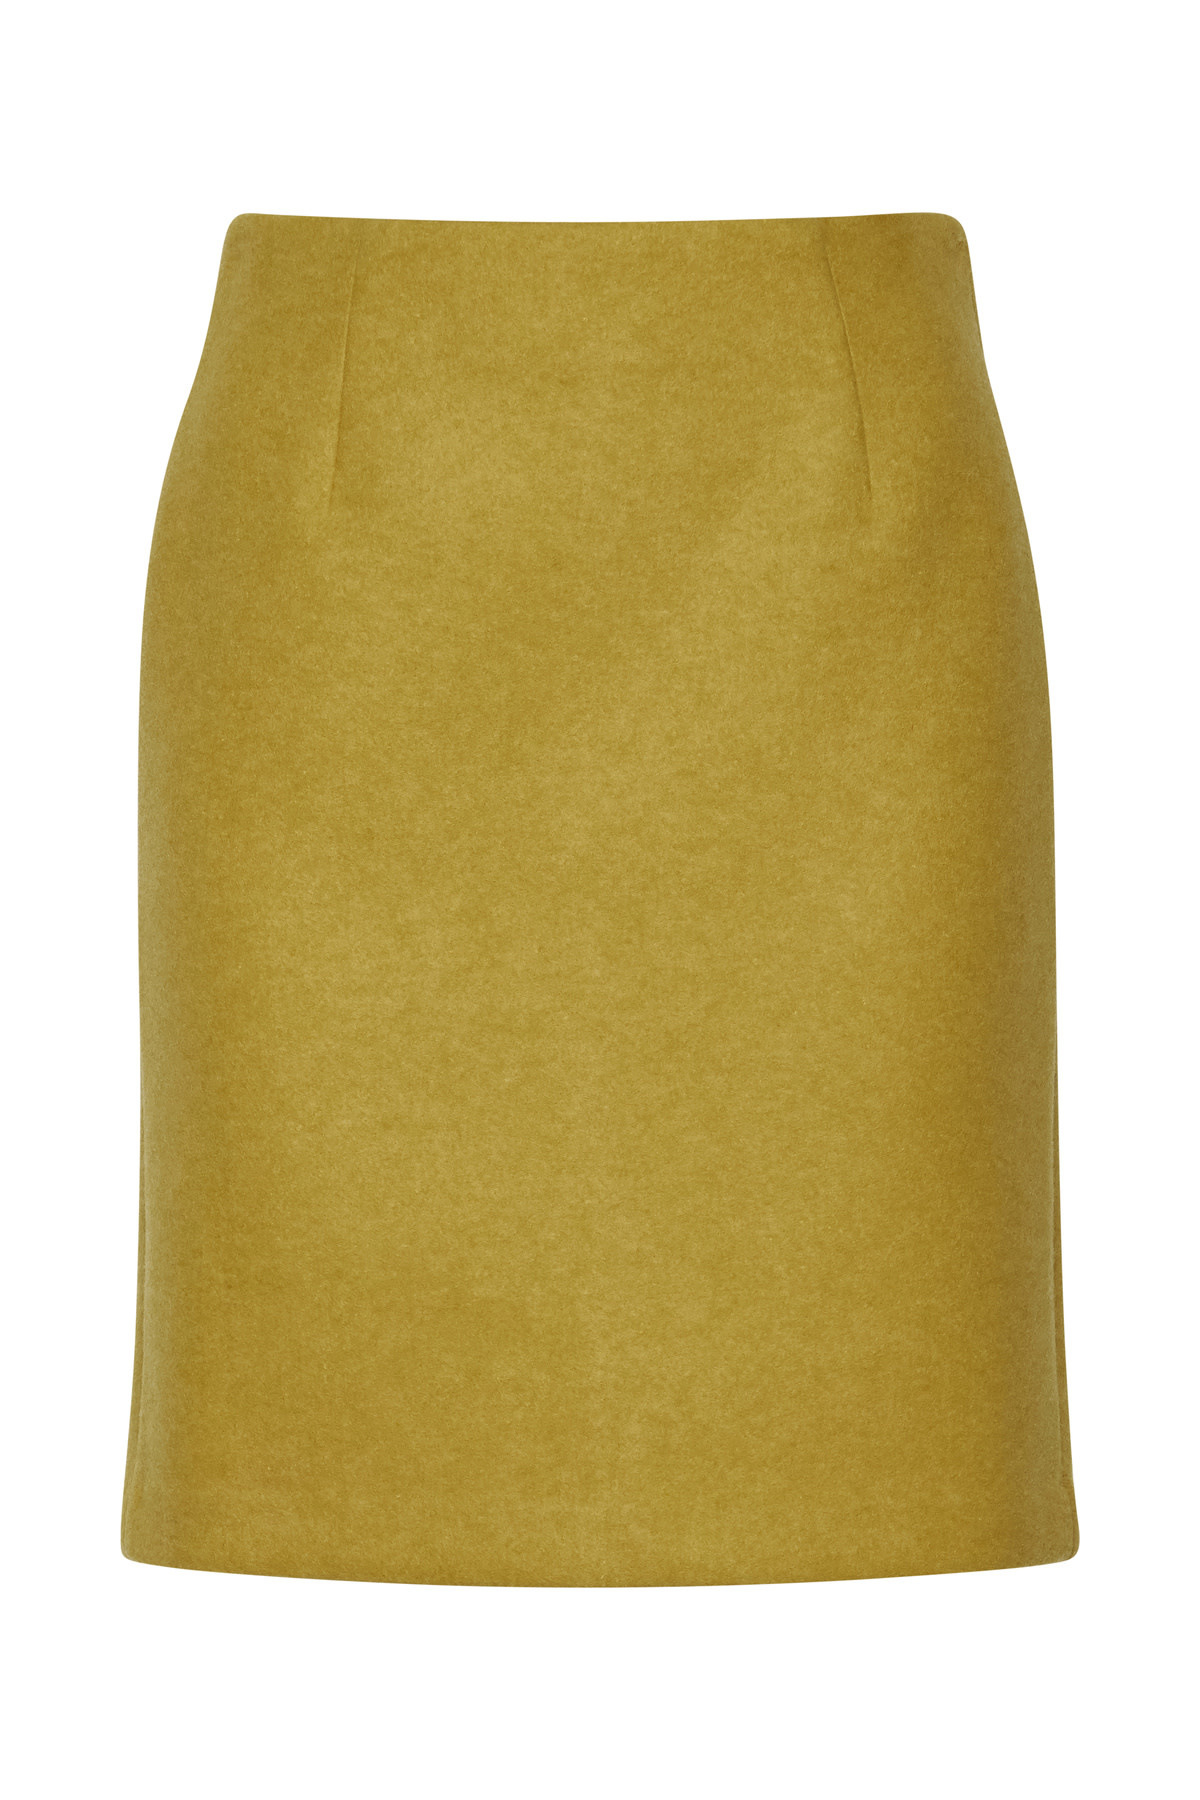 ICHI Ihinga Skirt